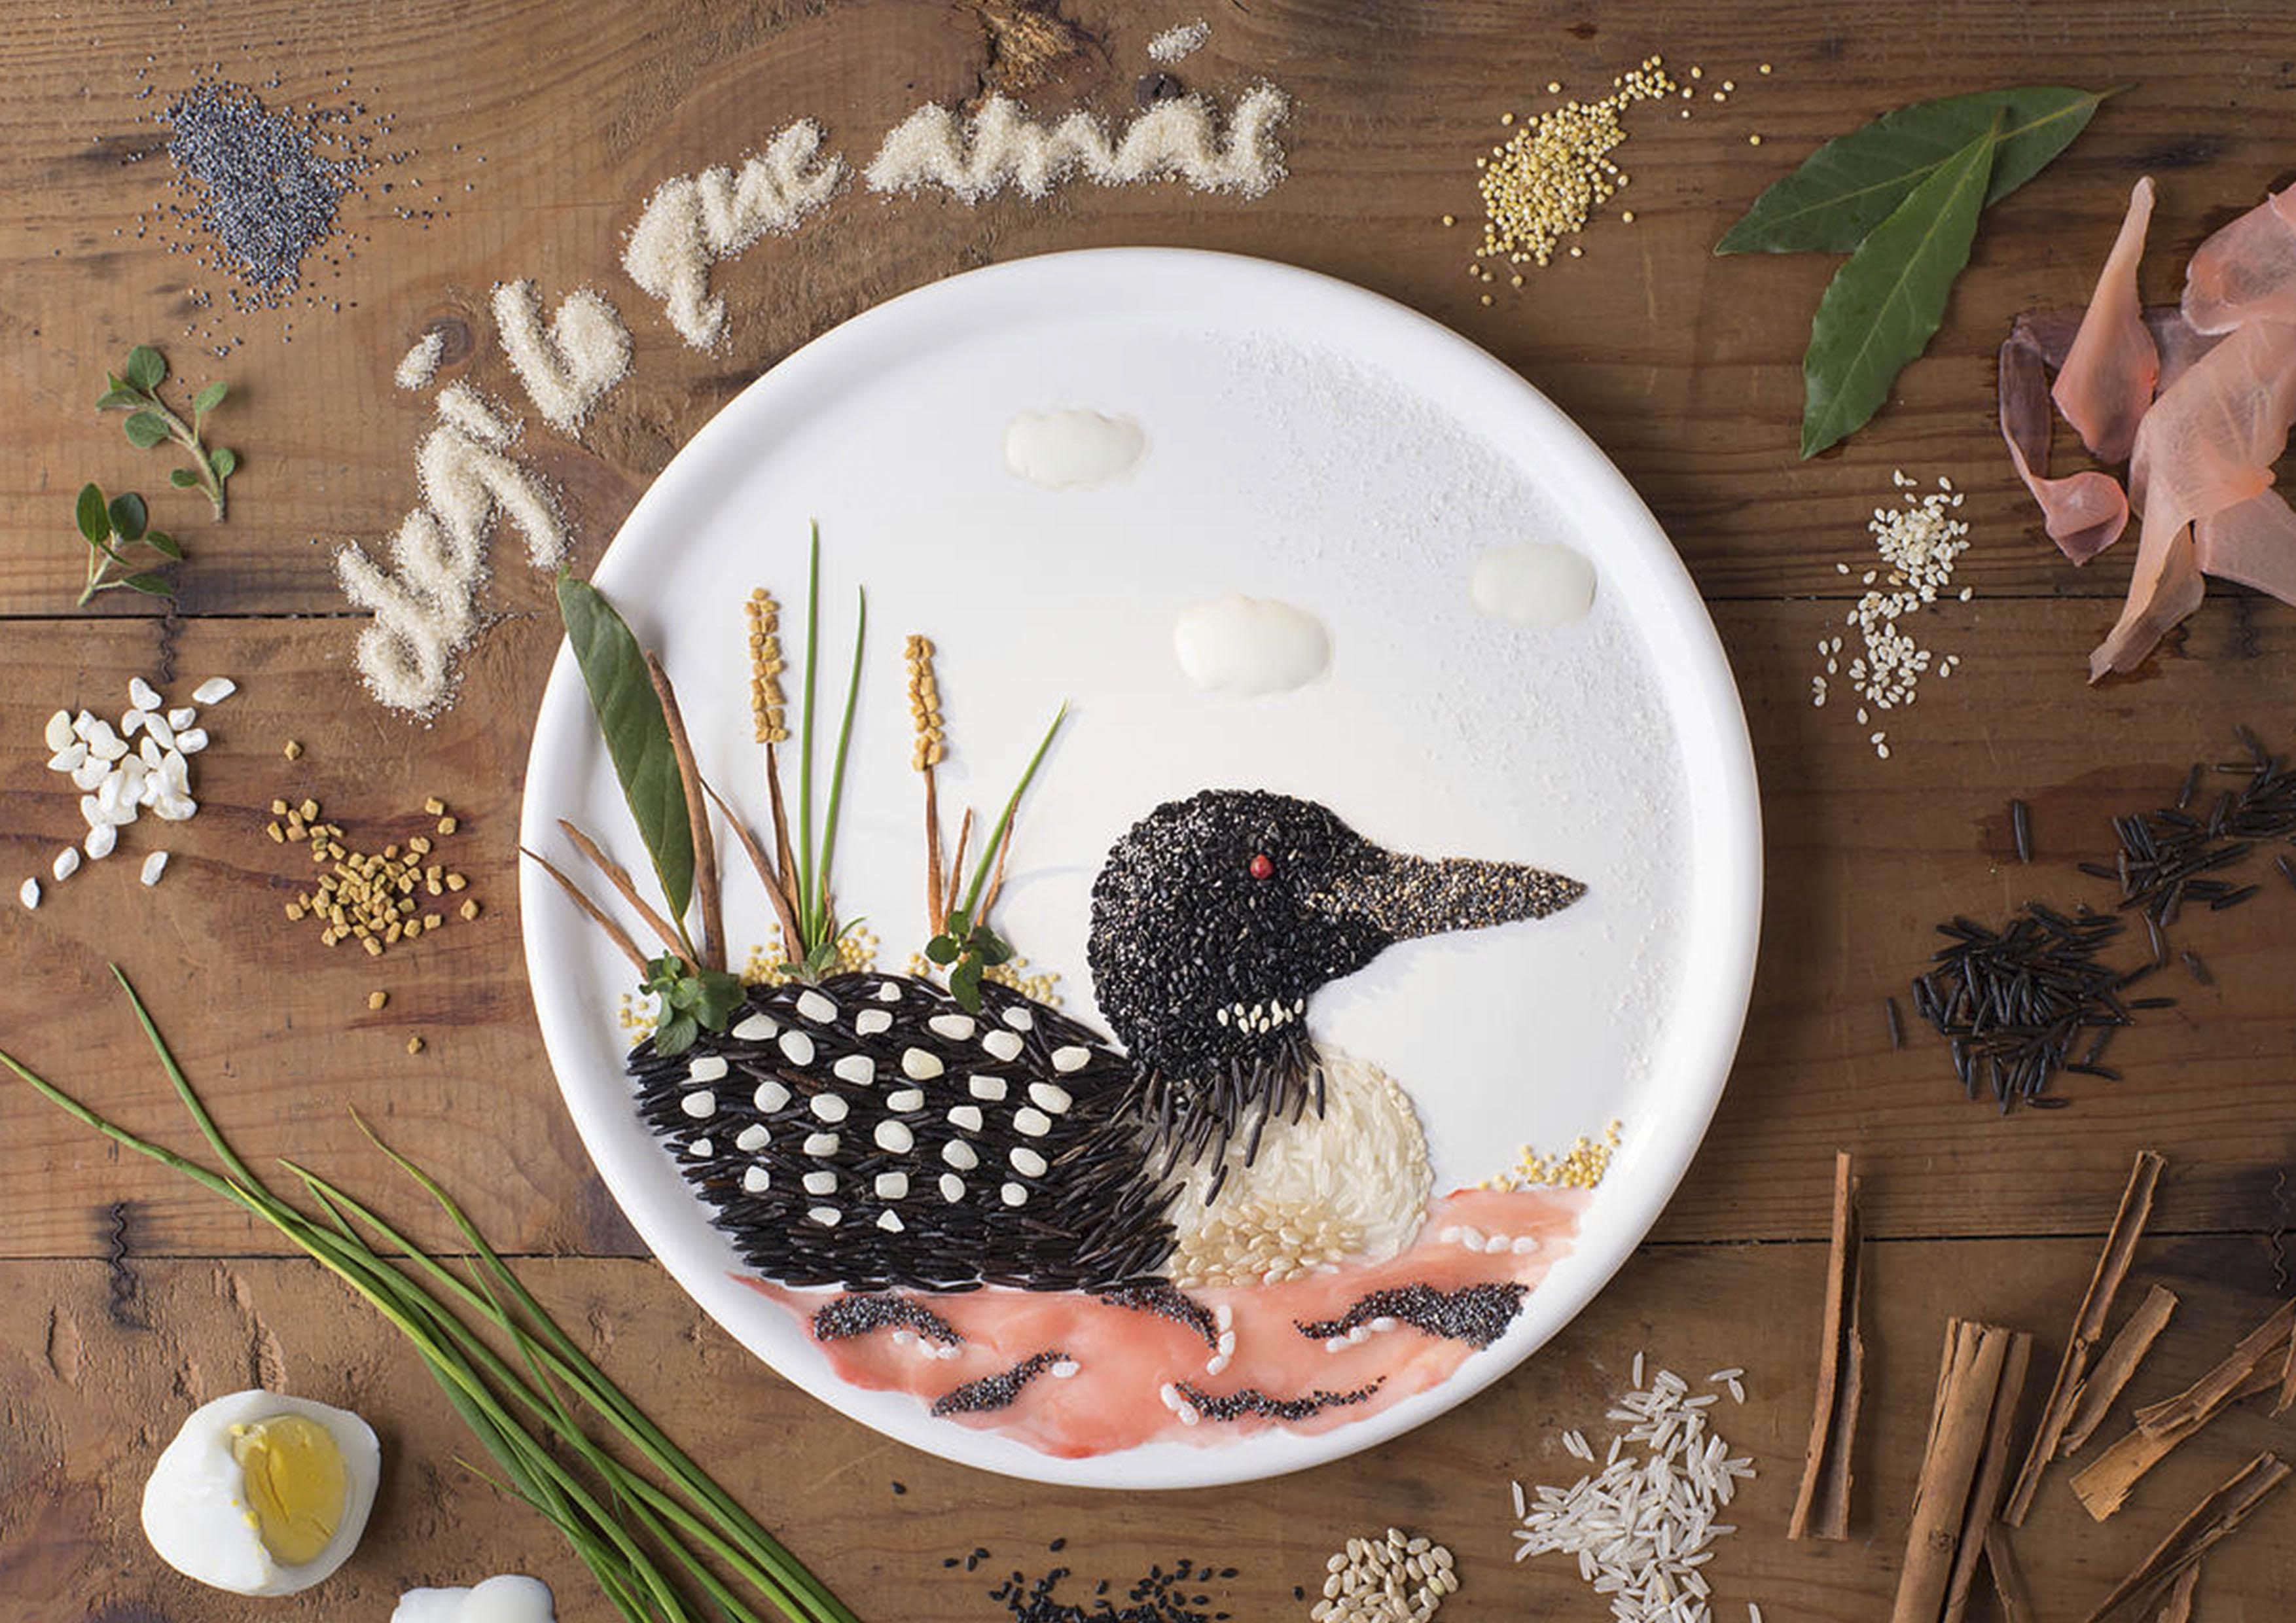 餐盘上流动的美景